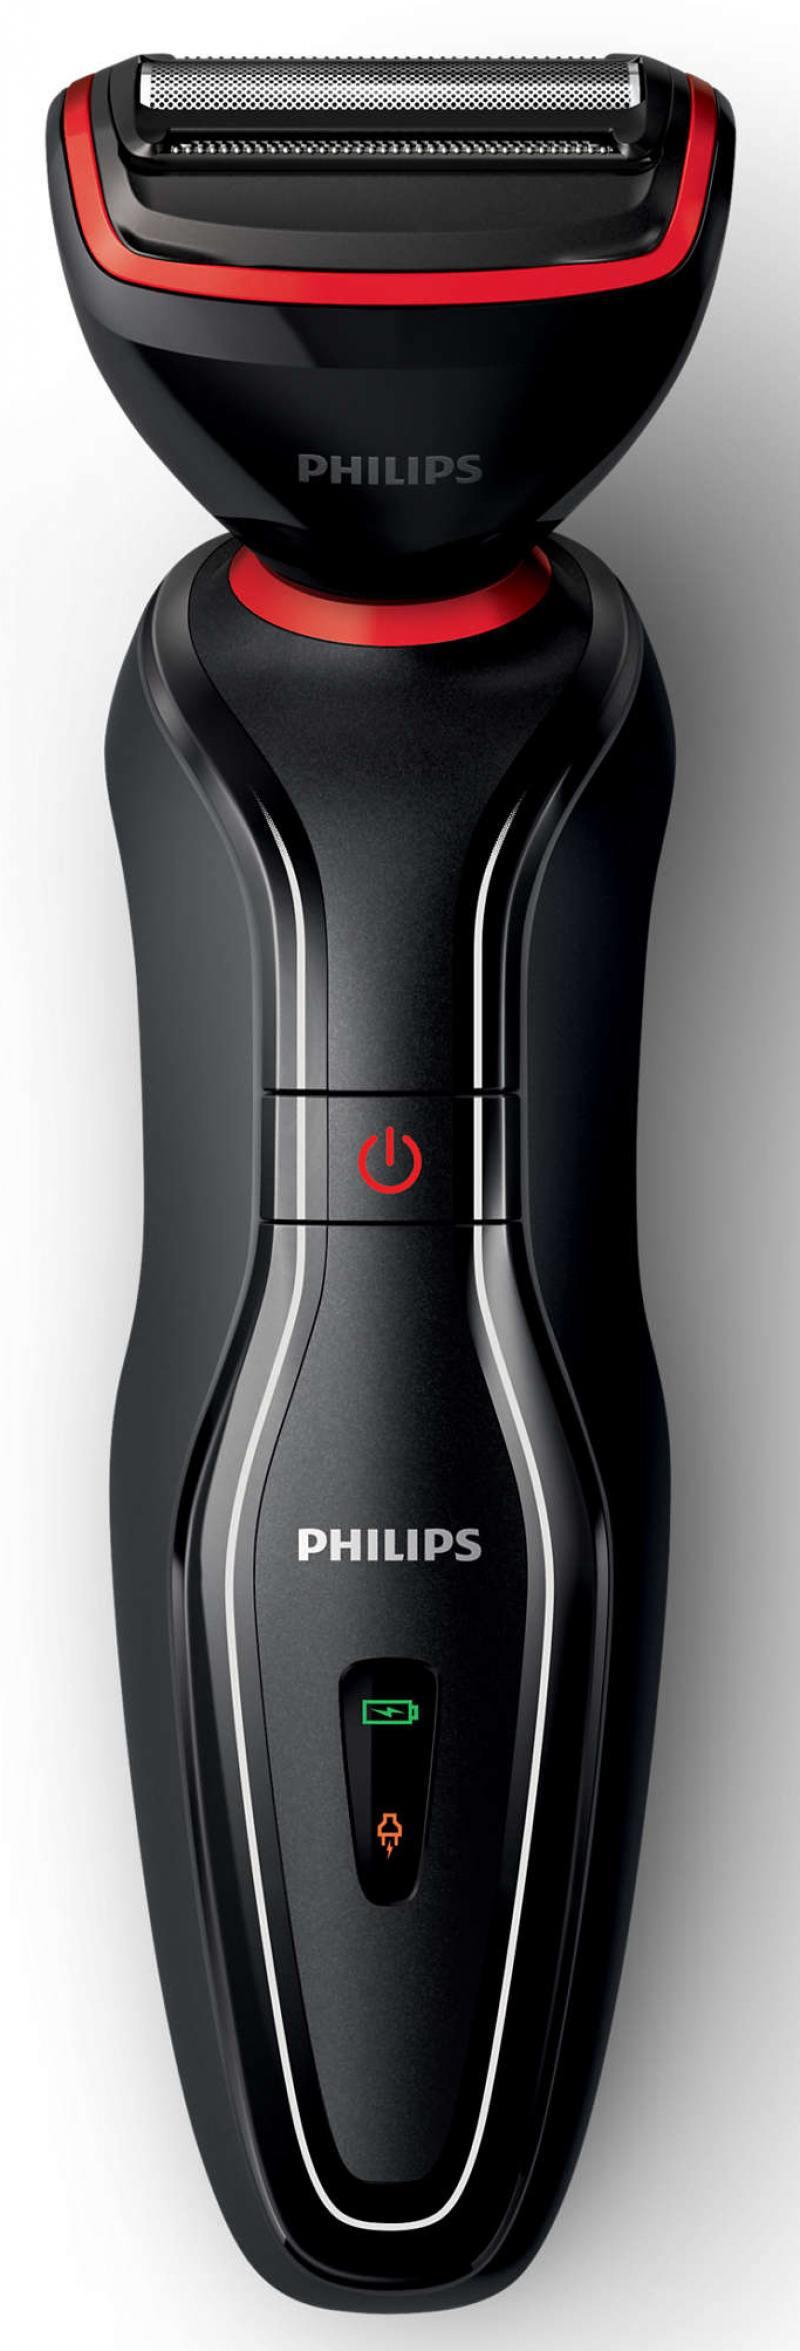 Бритва Philips S728/17 чёрный philips garcia pendant nickel 4x60w philips 36126 17 16